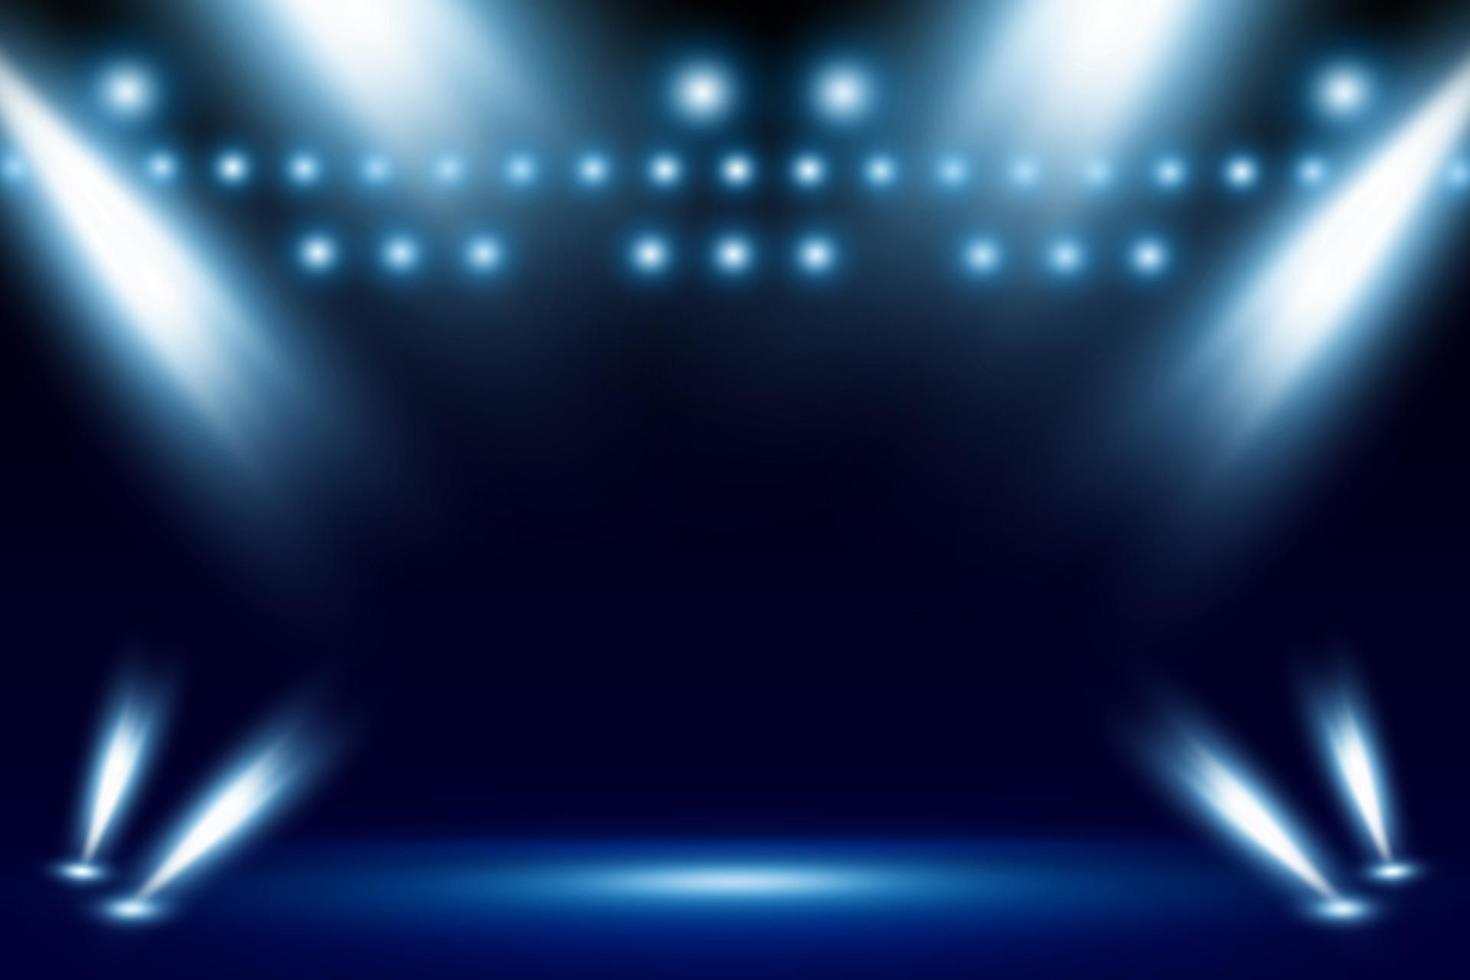 Spotlight background vector illustration